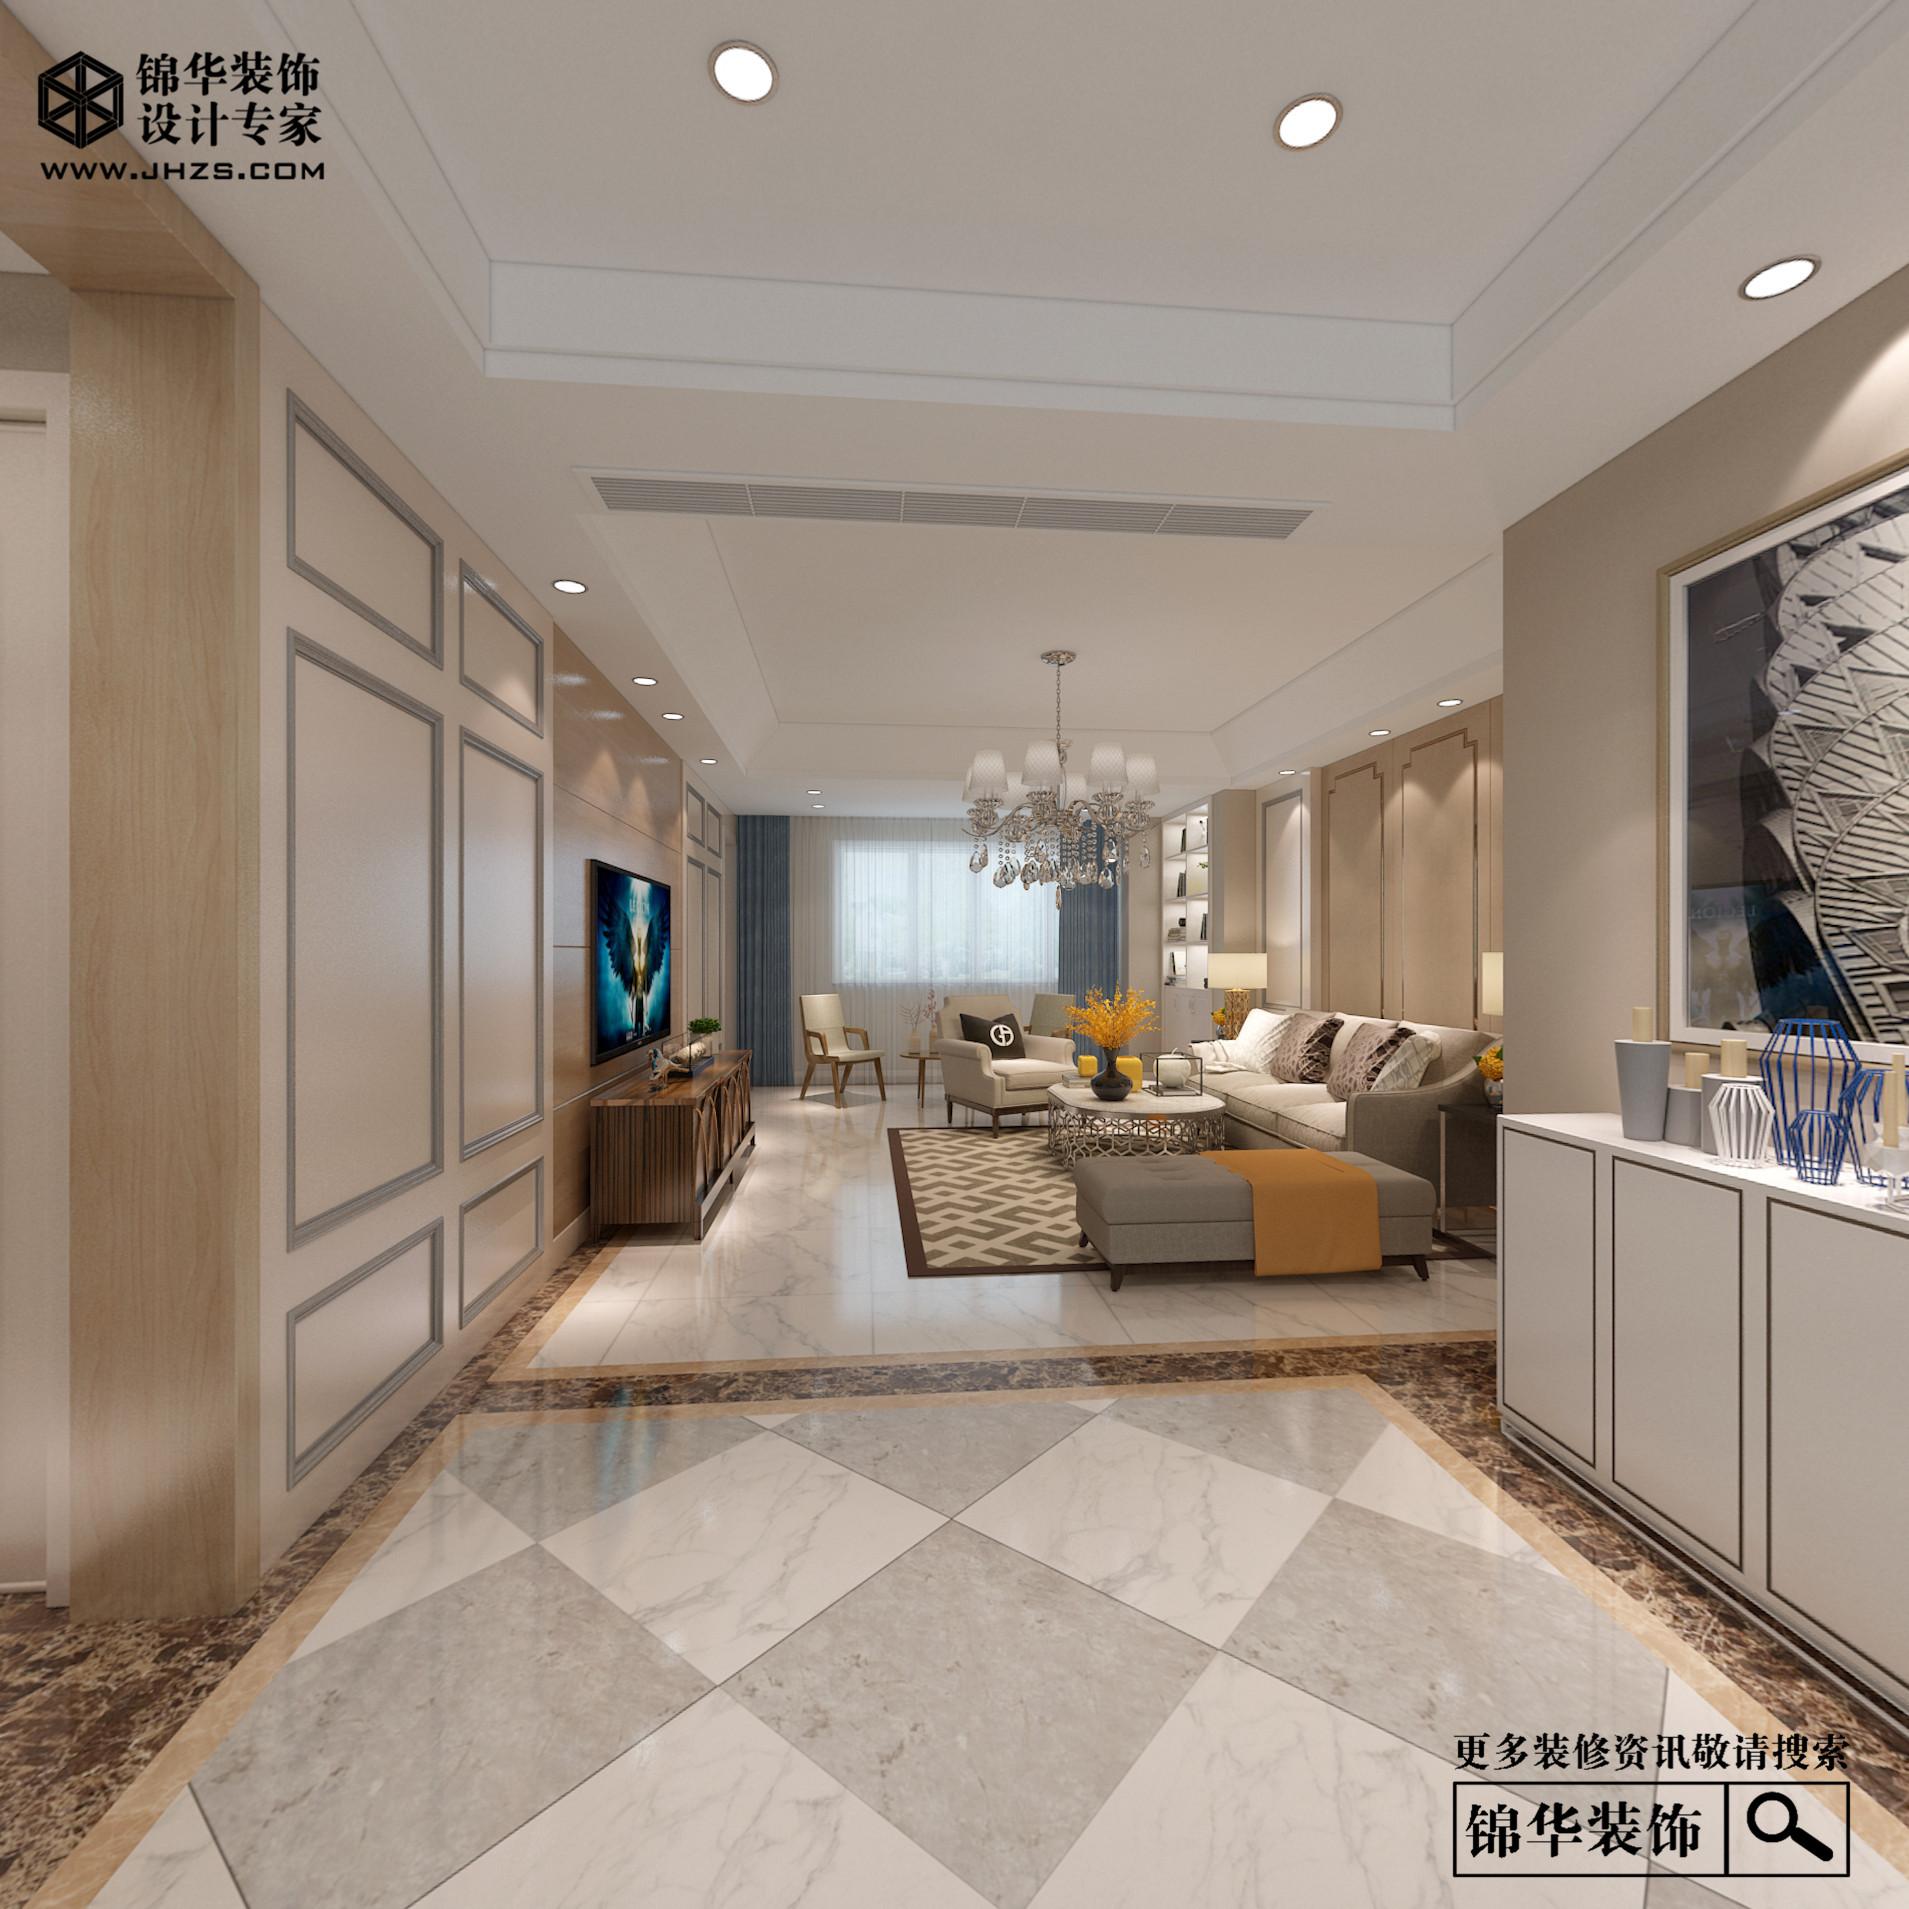 江阴院子140平c户型现代简约效果图装修-三室两厅